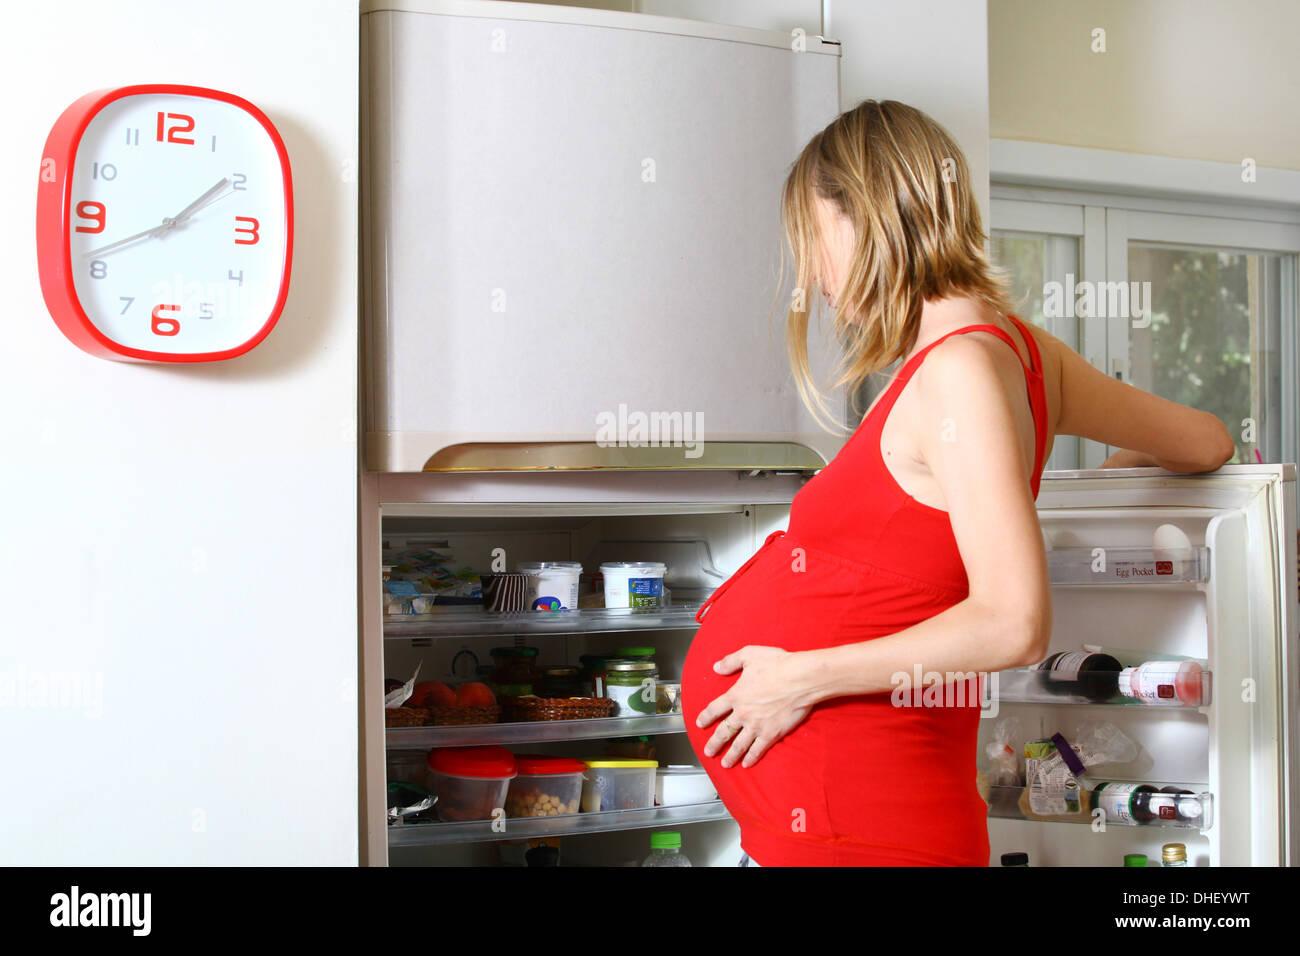 Donna incinta con craving cercando in frigo Immagini Stock